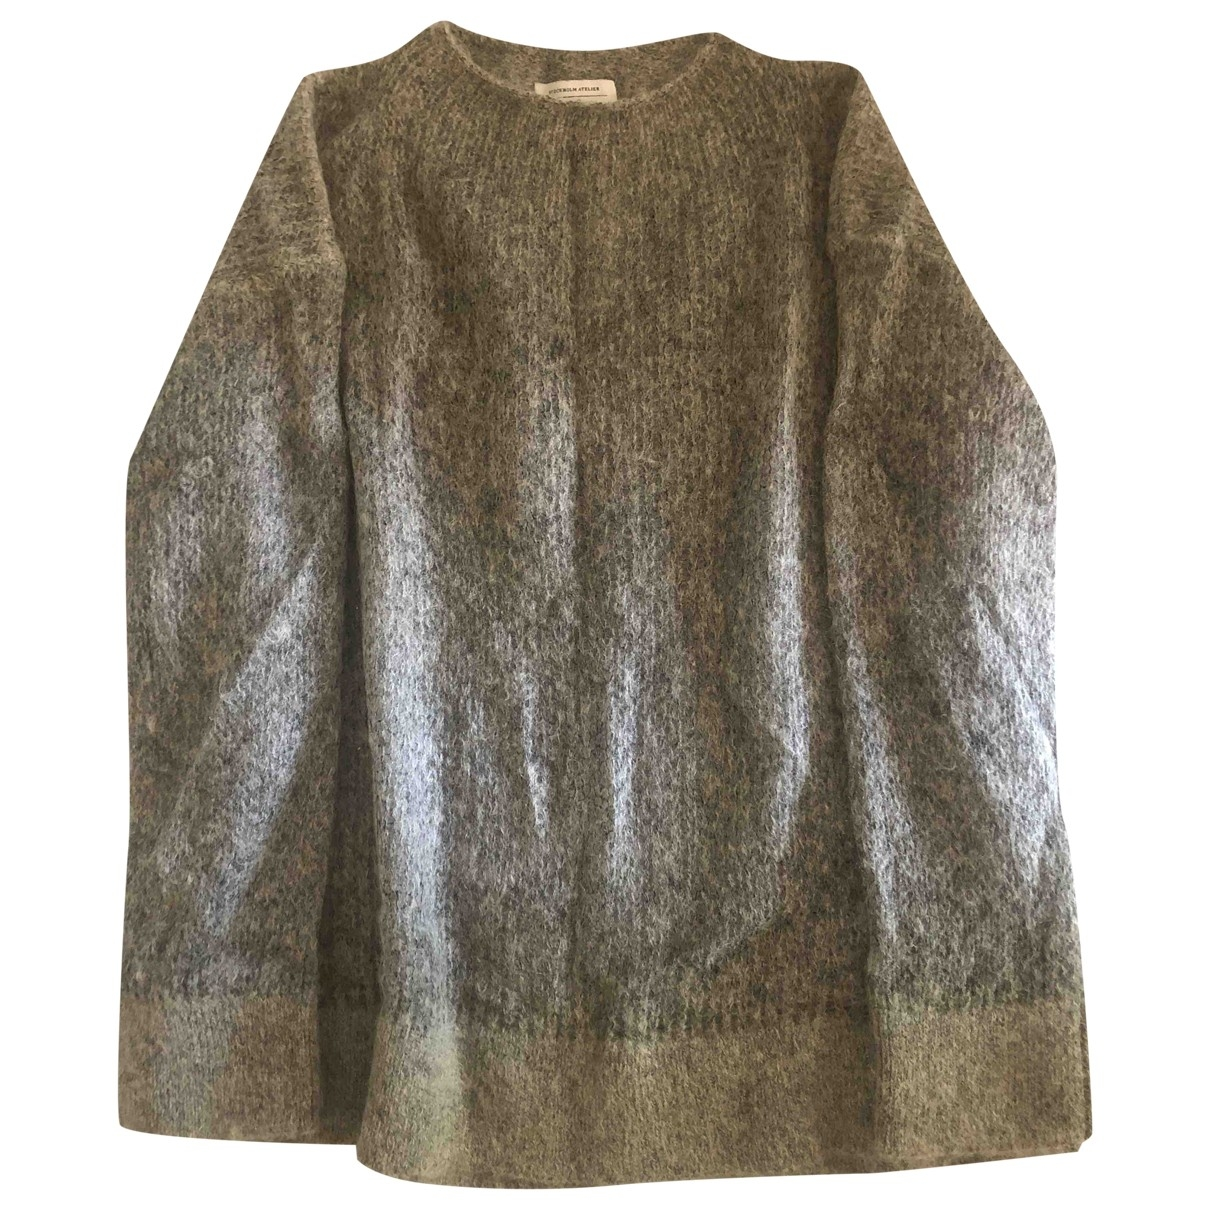 & Stories \N Grey Wool Knitwear for Women S International